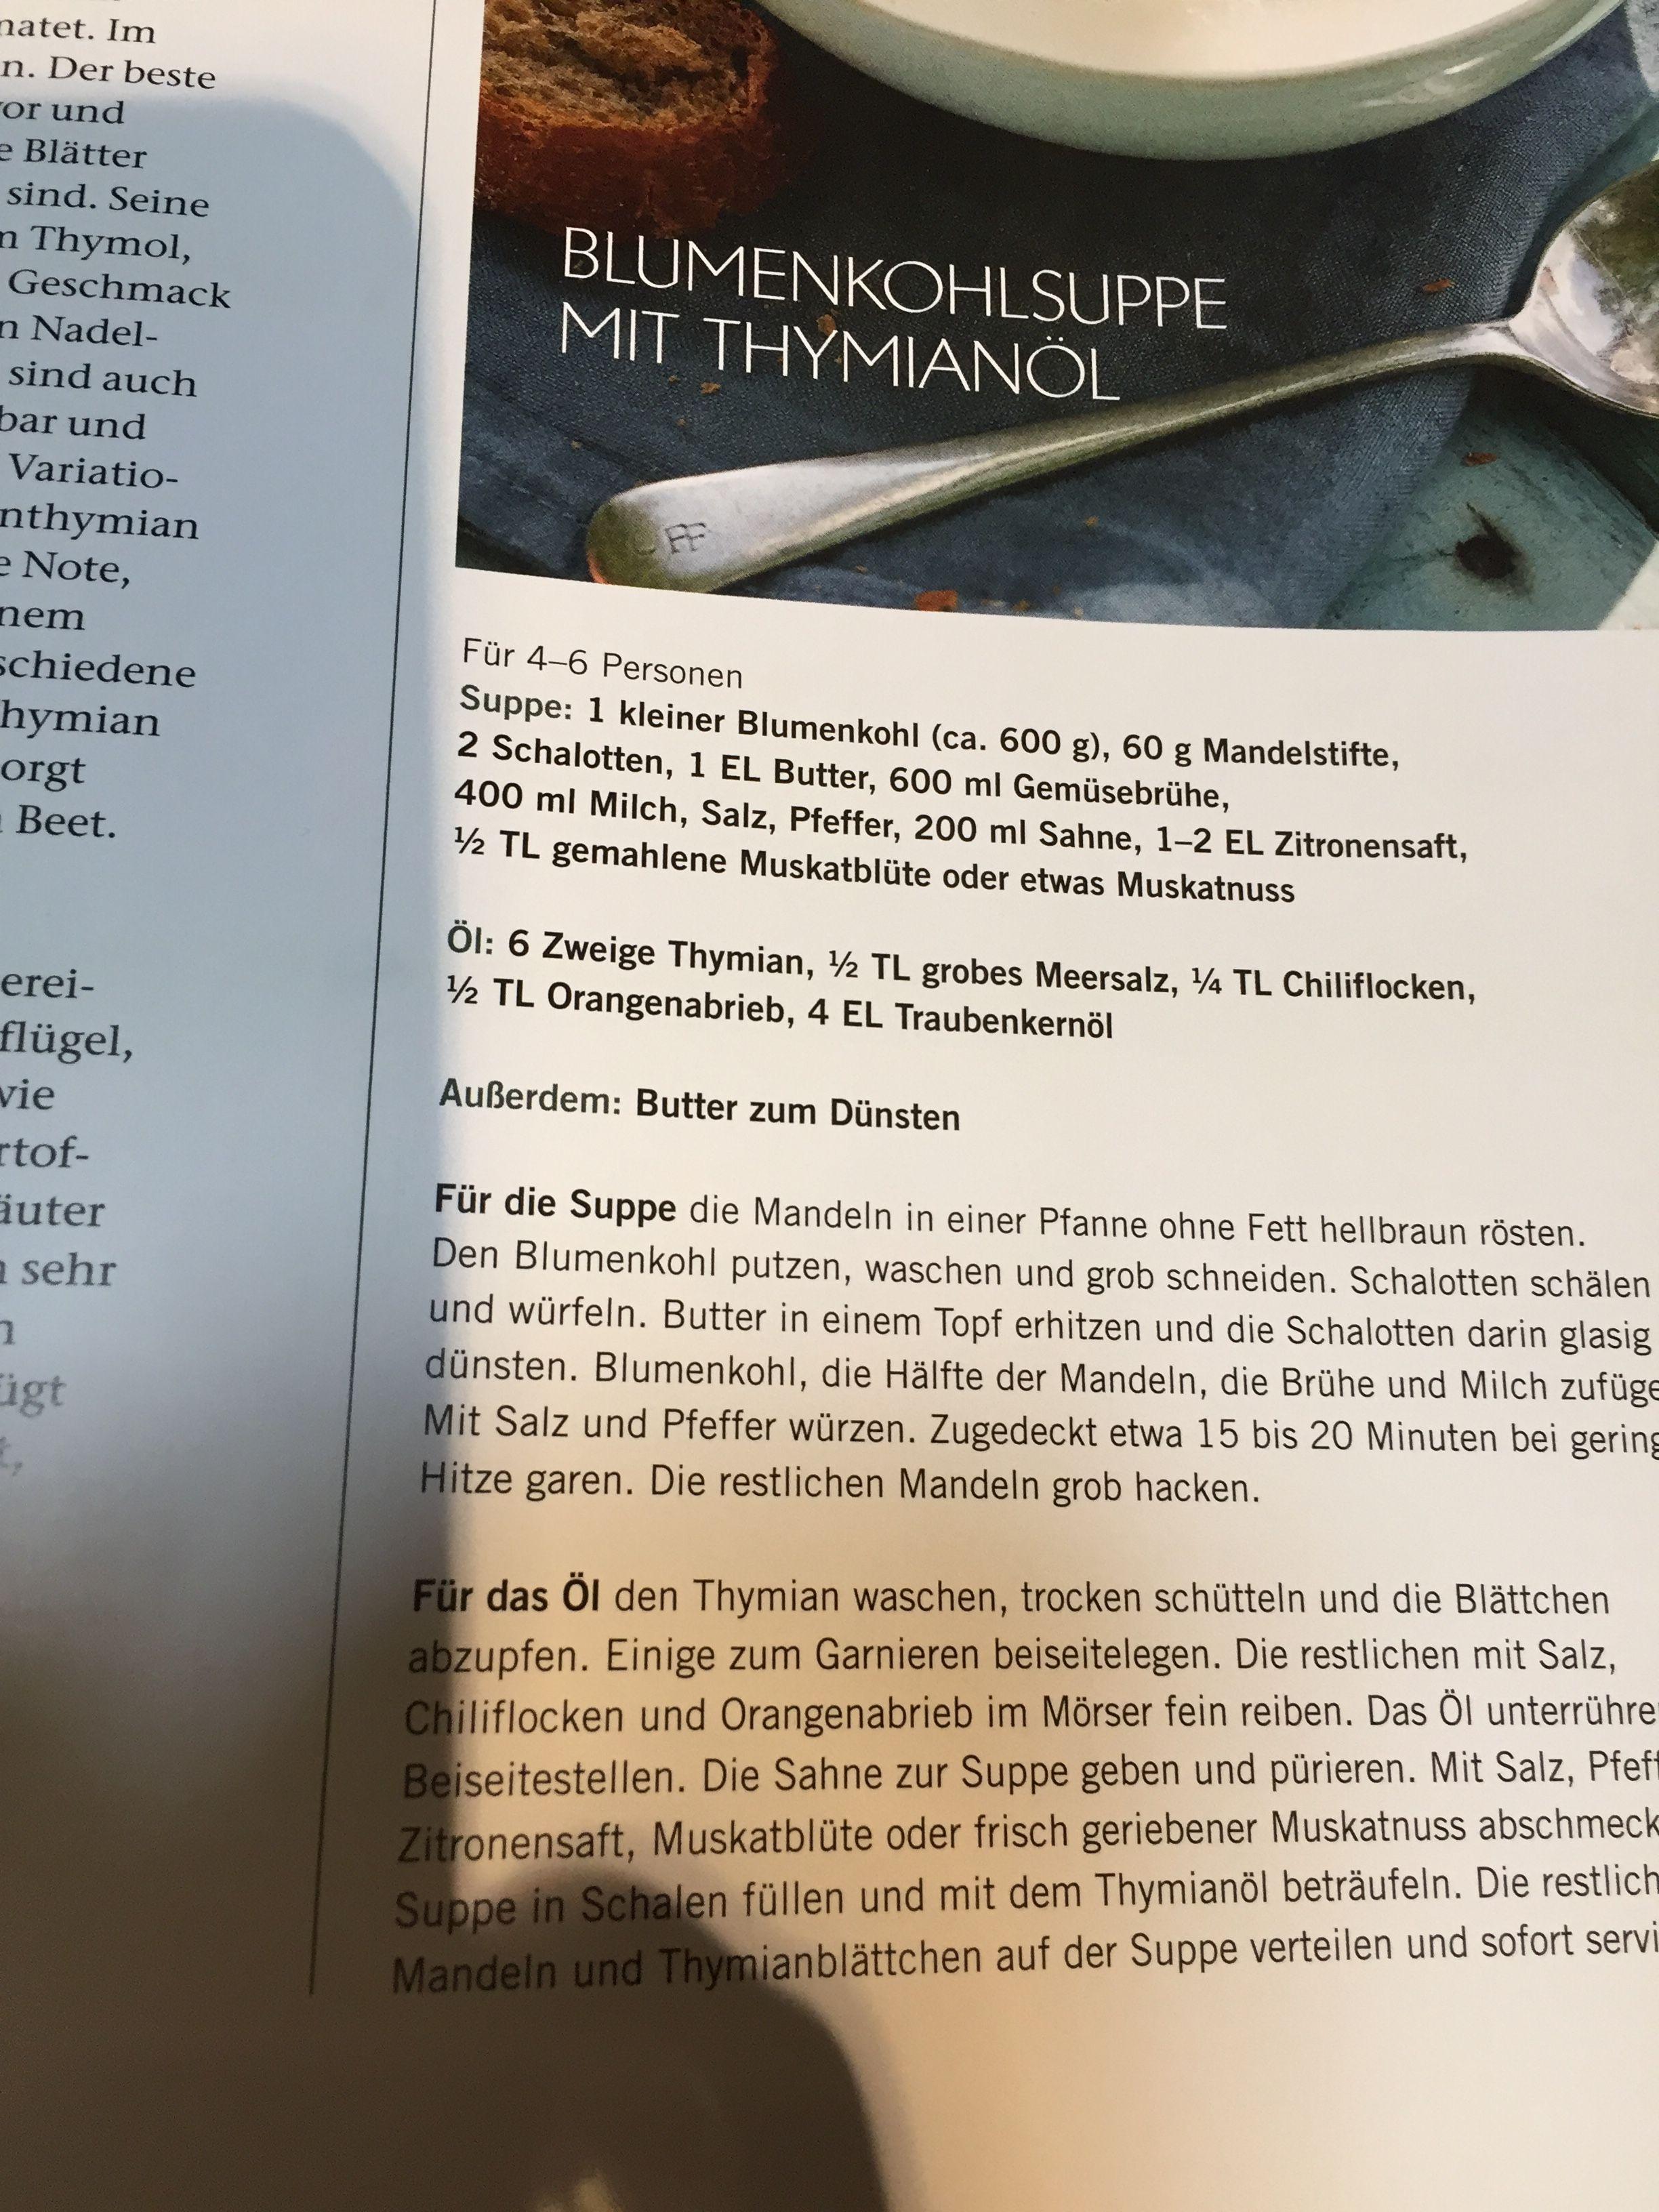 Pin Von Adelheid Bittdorf Auf Suppe Schalotten Blumenkohlsuppe Suppen